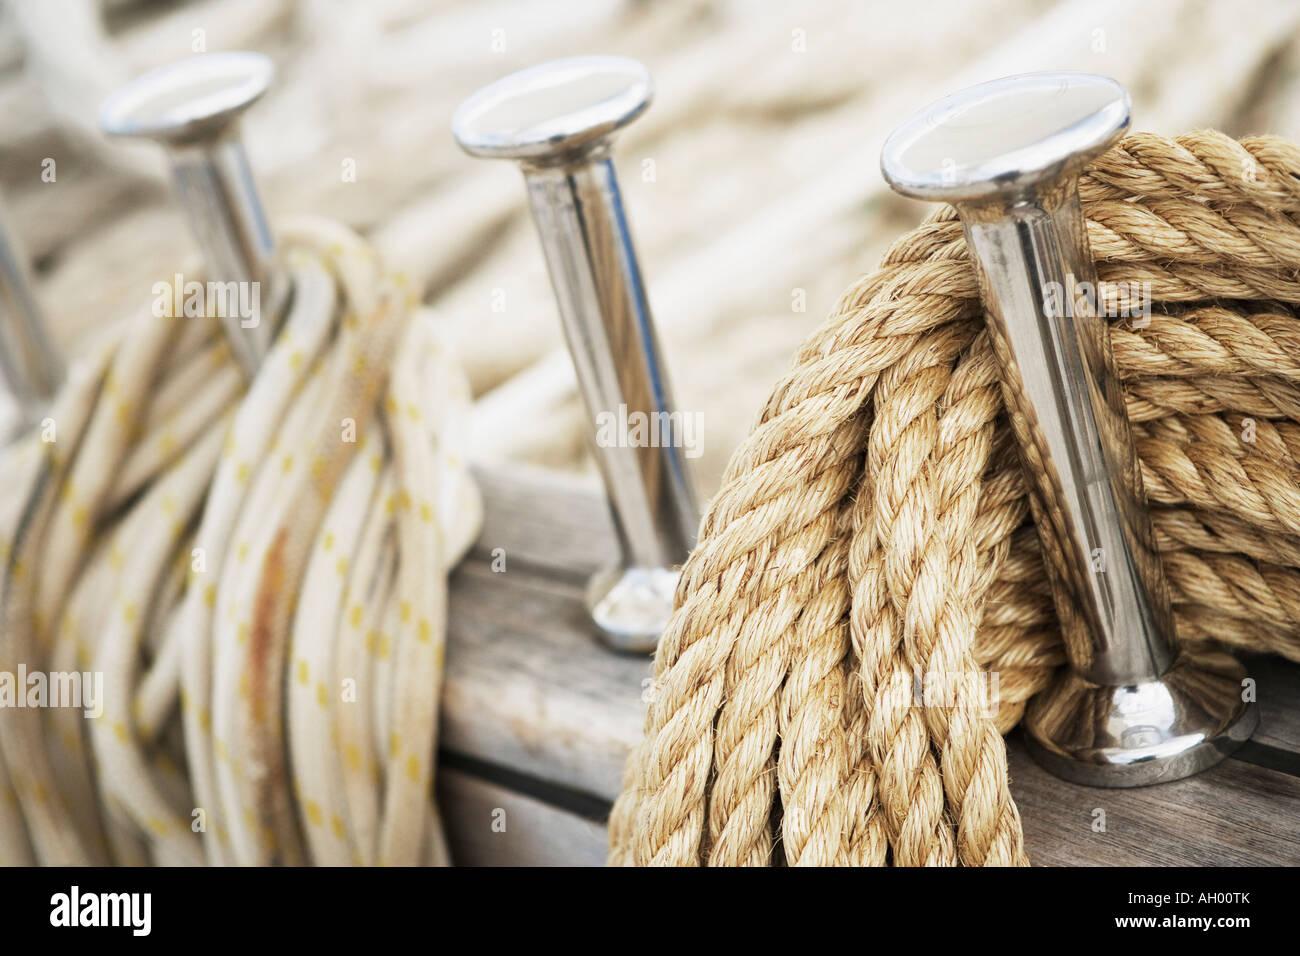 Nahaufnahme von Heringen und Seilen auf dem Deck eines Segelbootes Stockbild